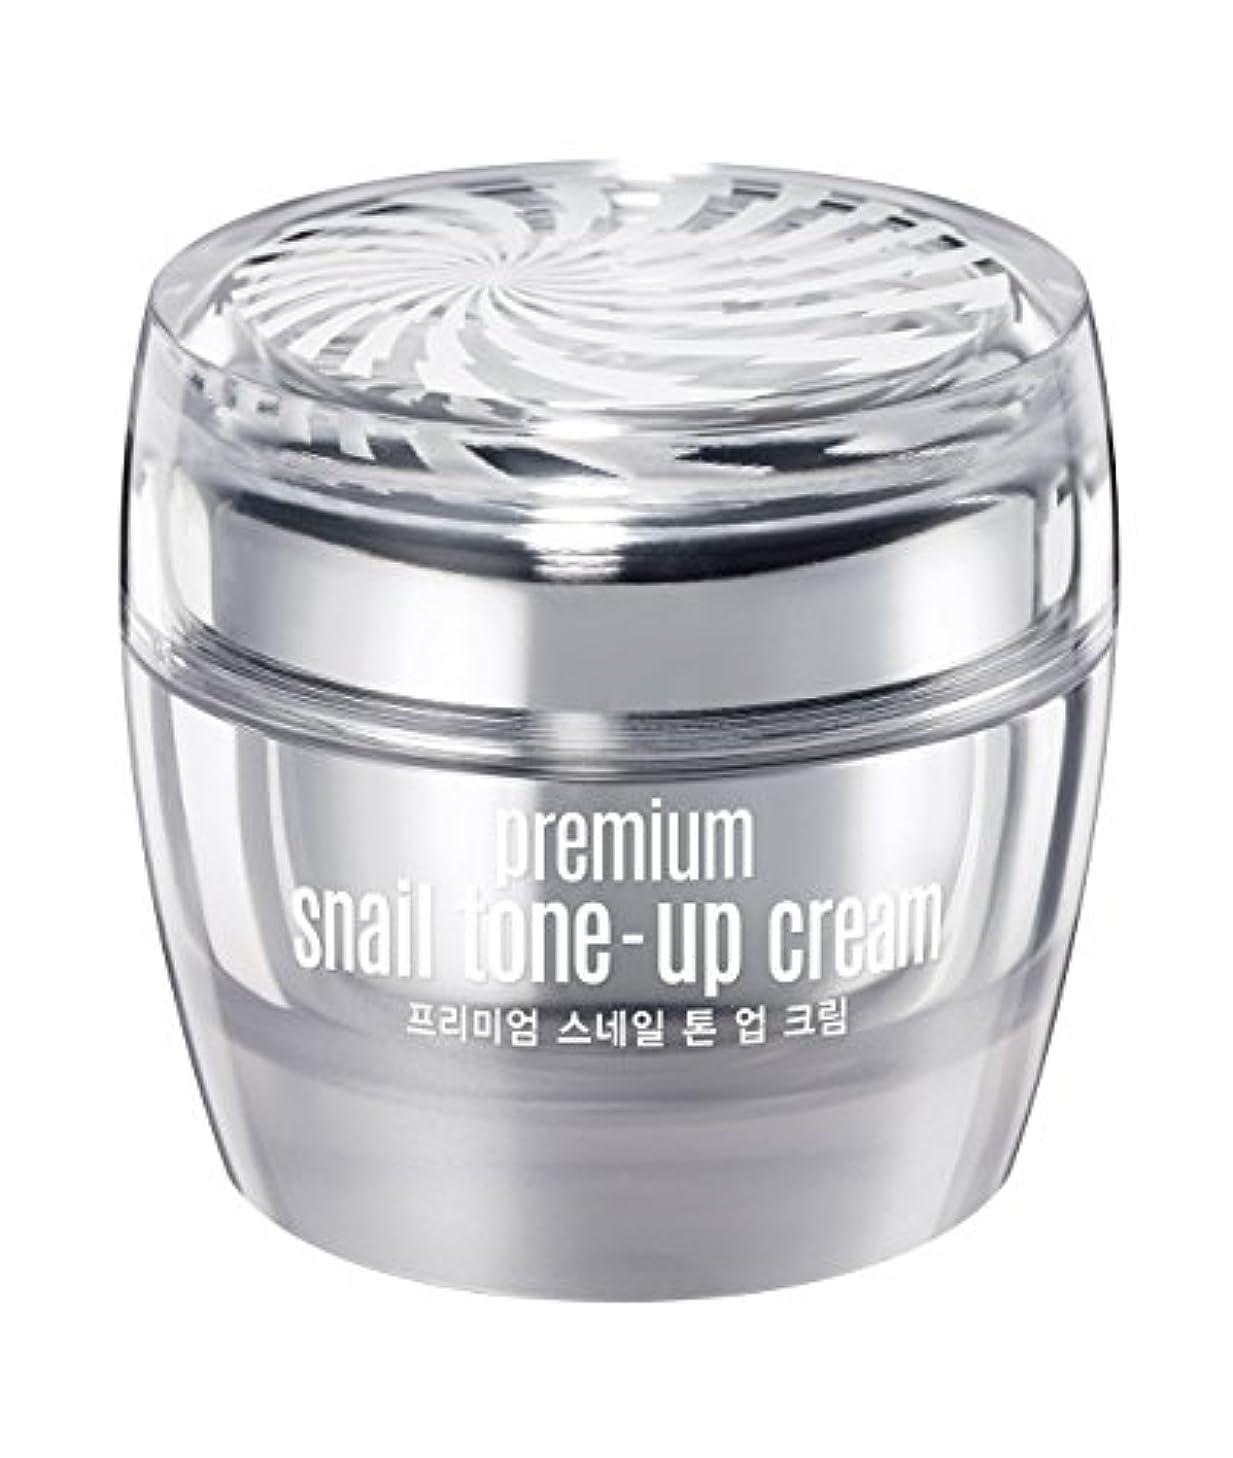 憂鬱なロバフェードGoodal Premium Snail Tone Up Whitening Cream 50ml プレミアムカタツムリトーンアップクリーム